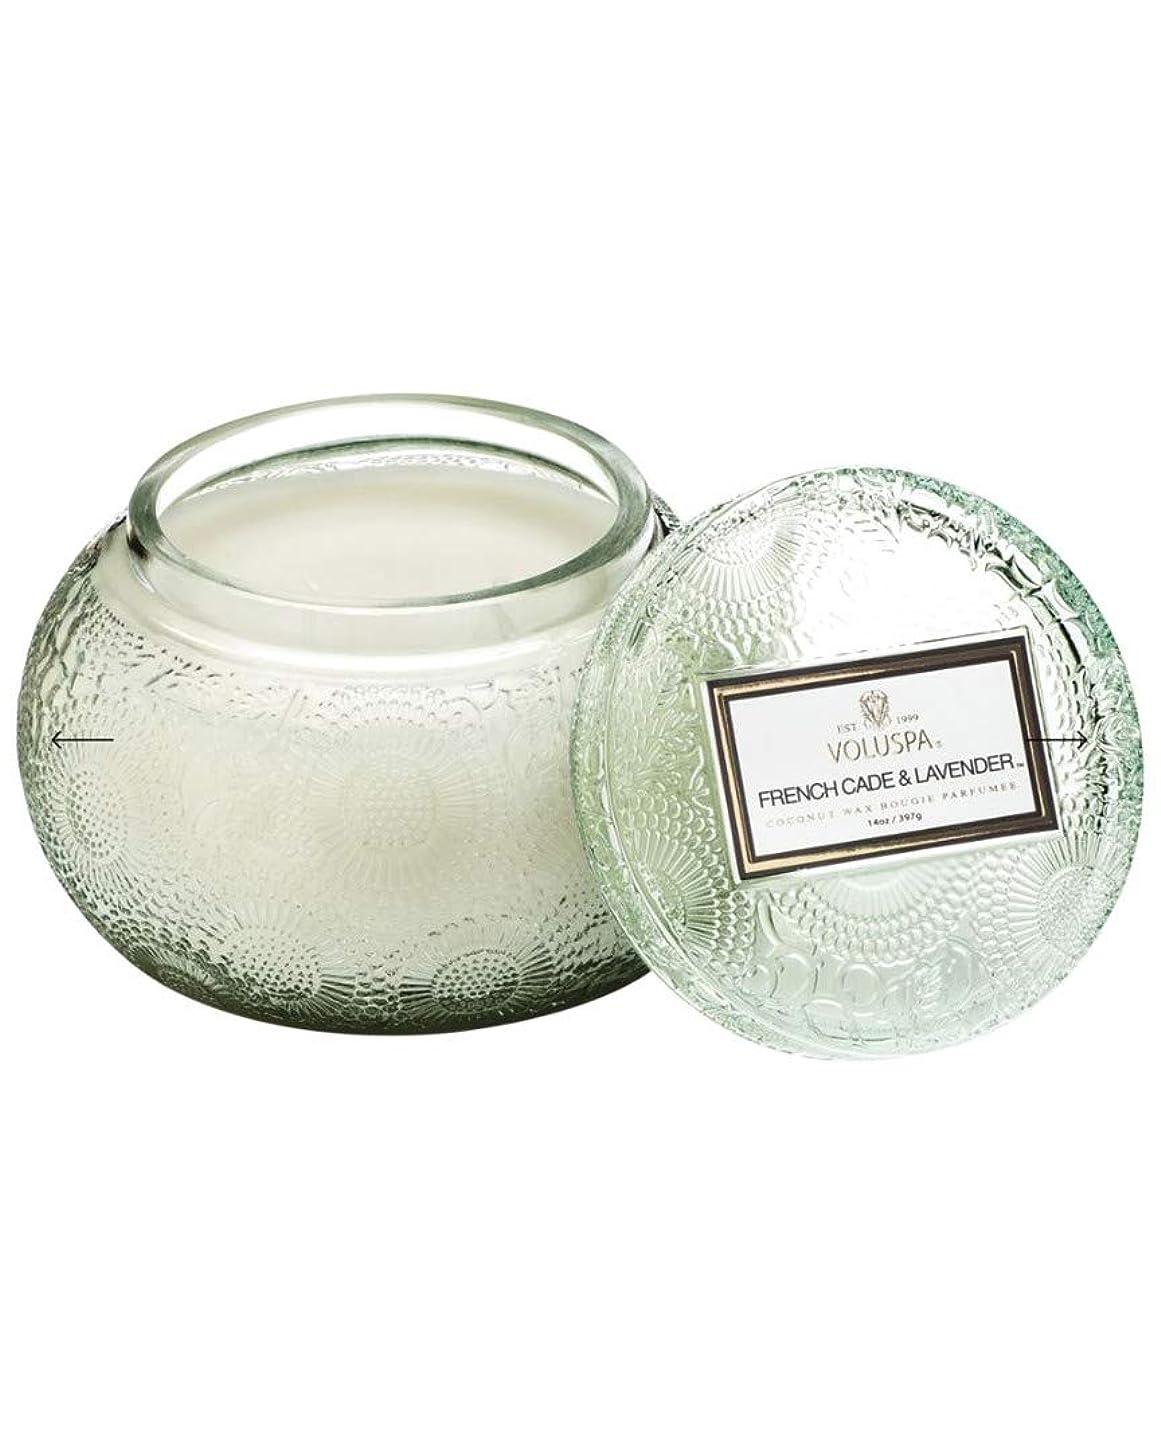 寝るオンスレギュラーVOLUSPA チャワングラスキャンドル French Cade Lavender フレンチケード&ラベンダー GLASS CANDLE ボルスパ